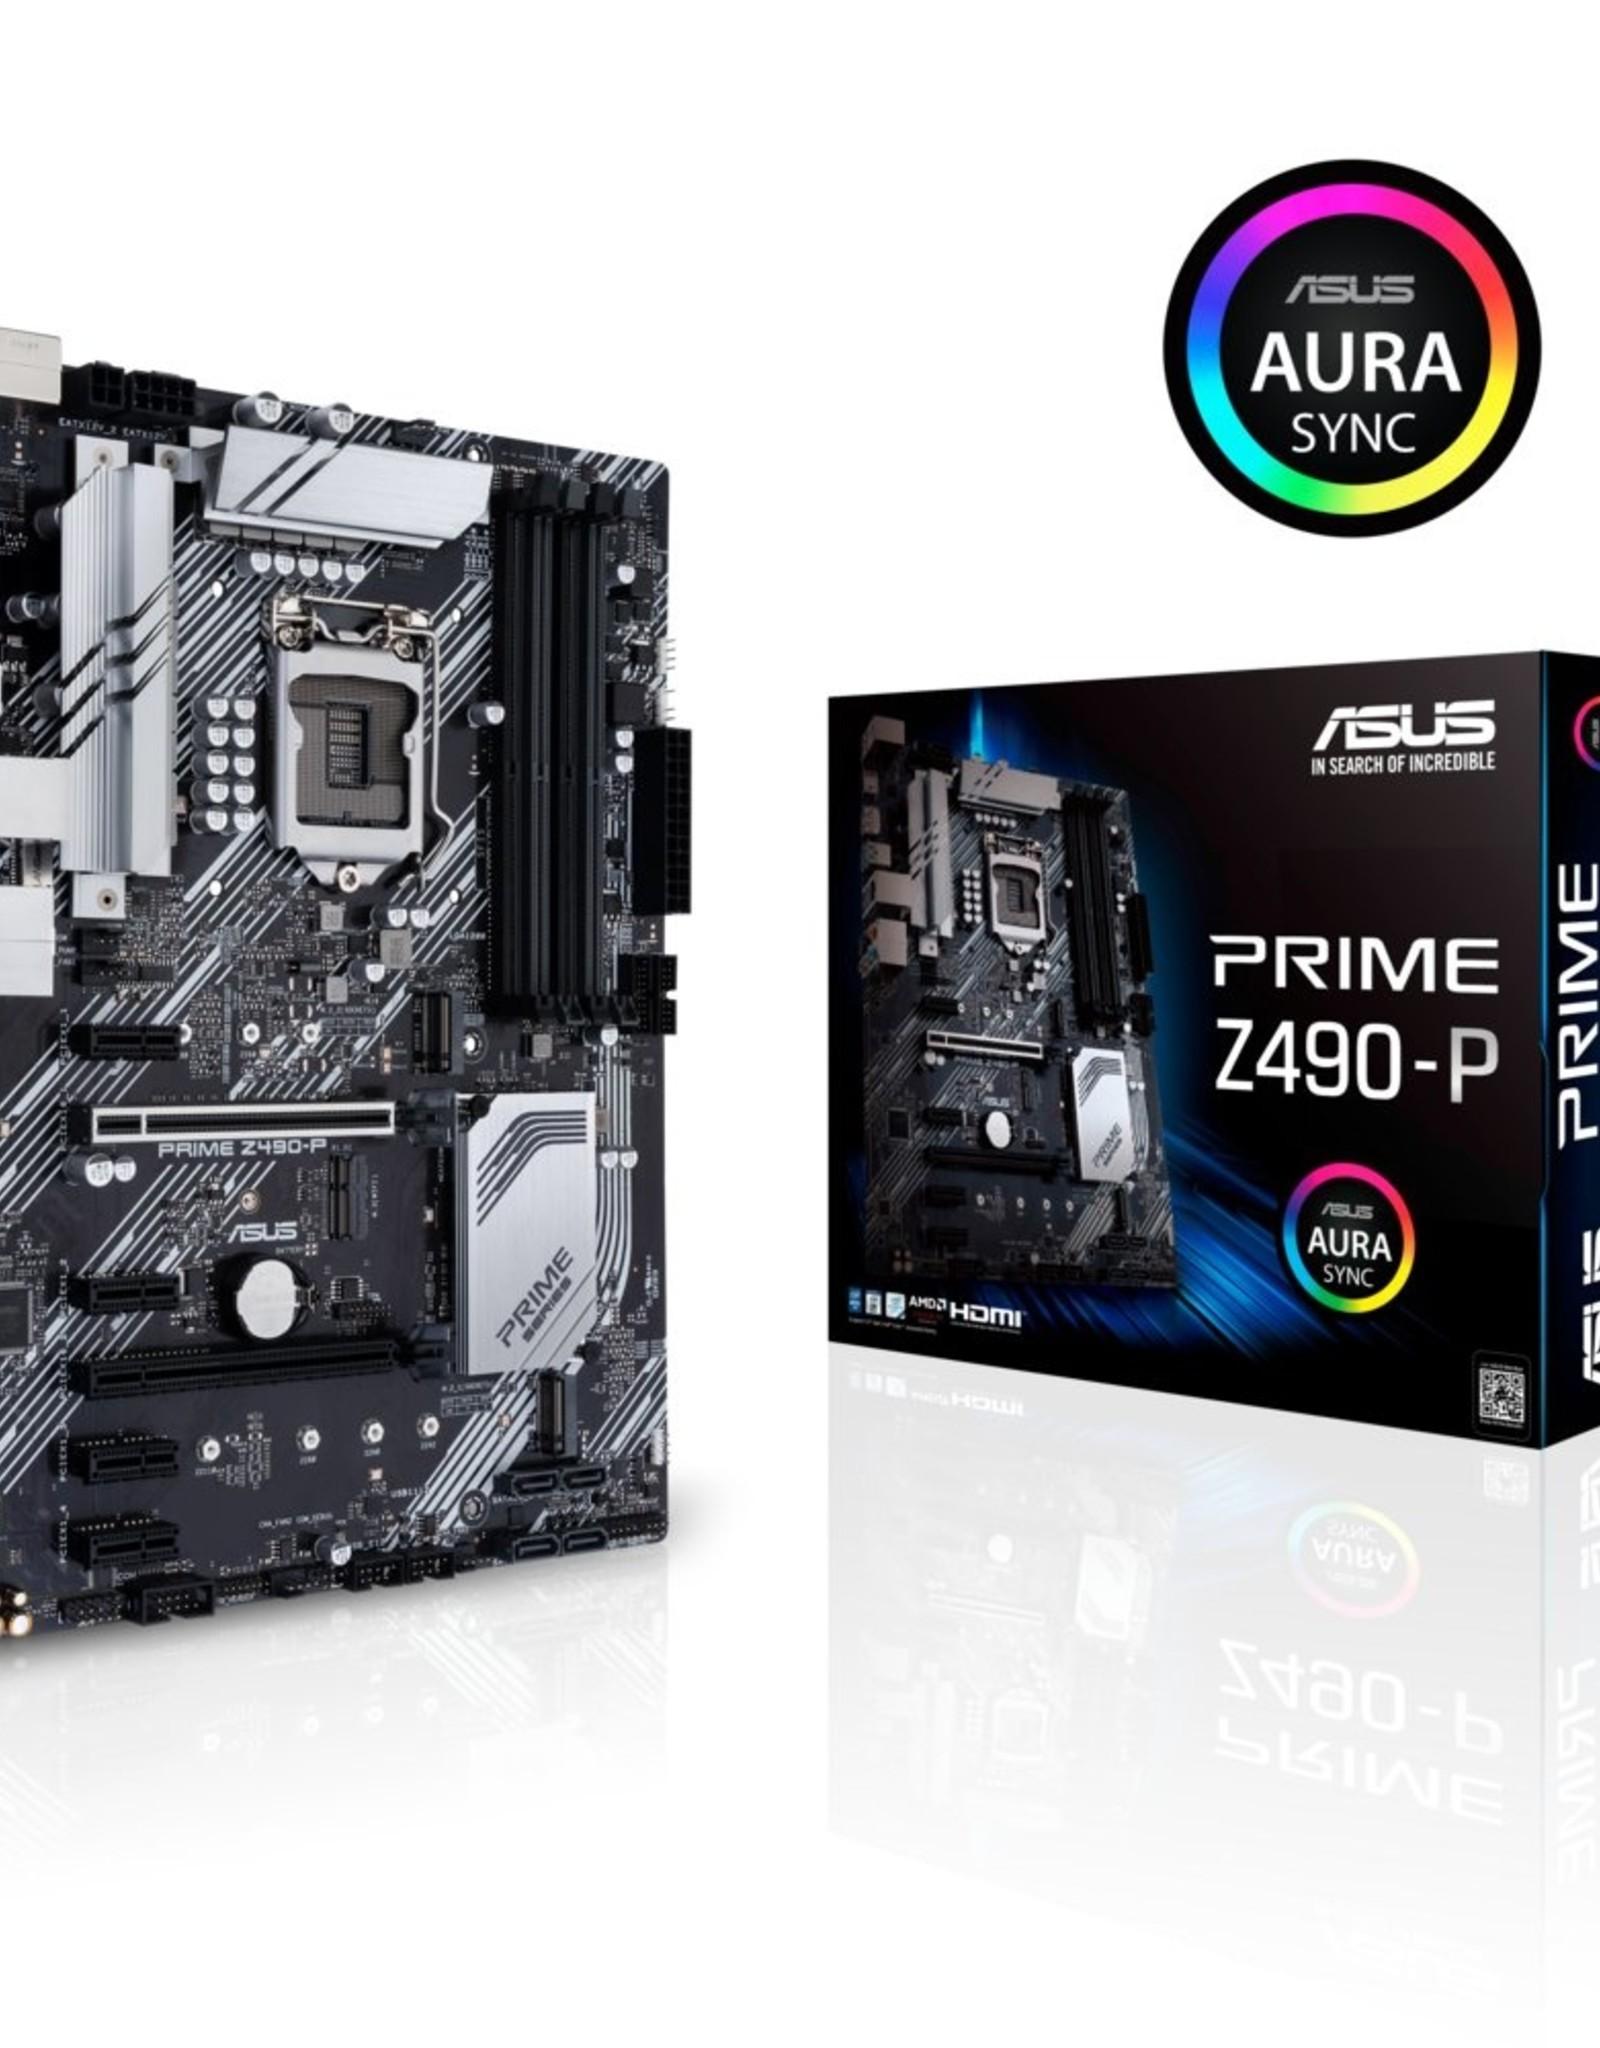 MB ASUS PRIME Z490-P LGA 1200 ATX Intel Z490